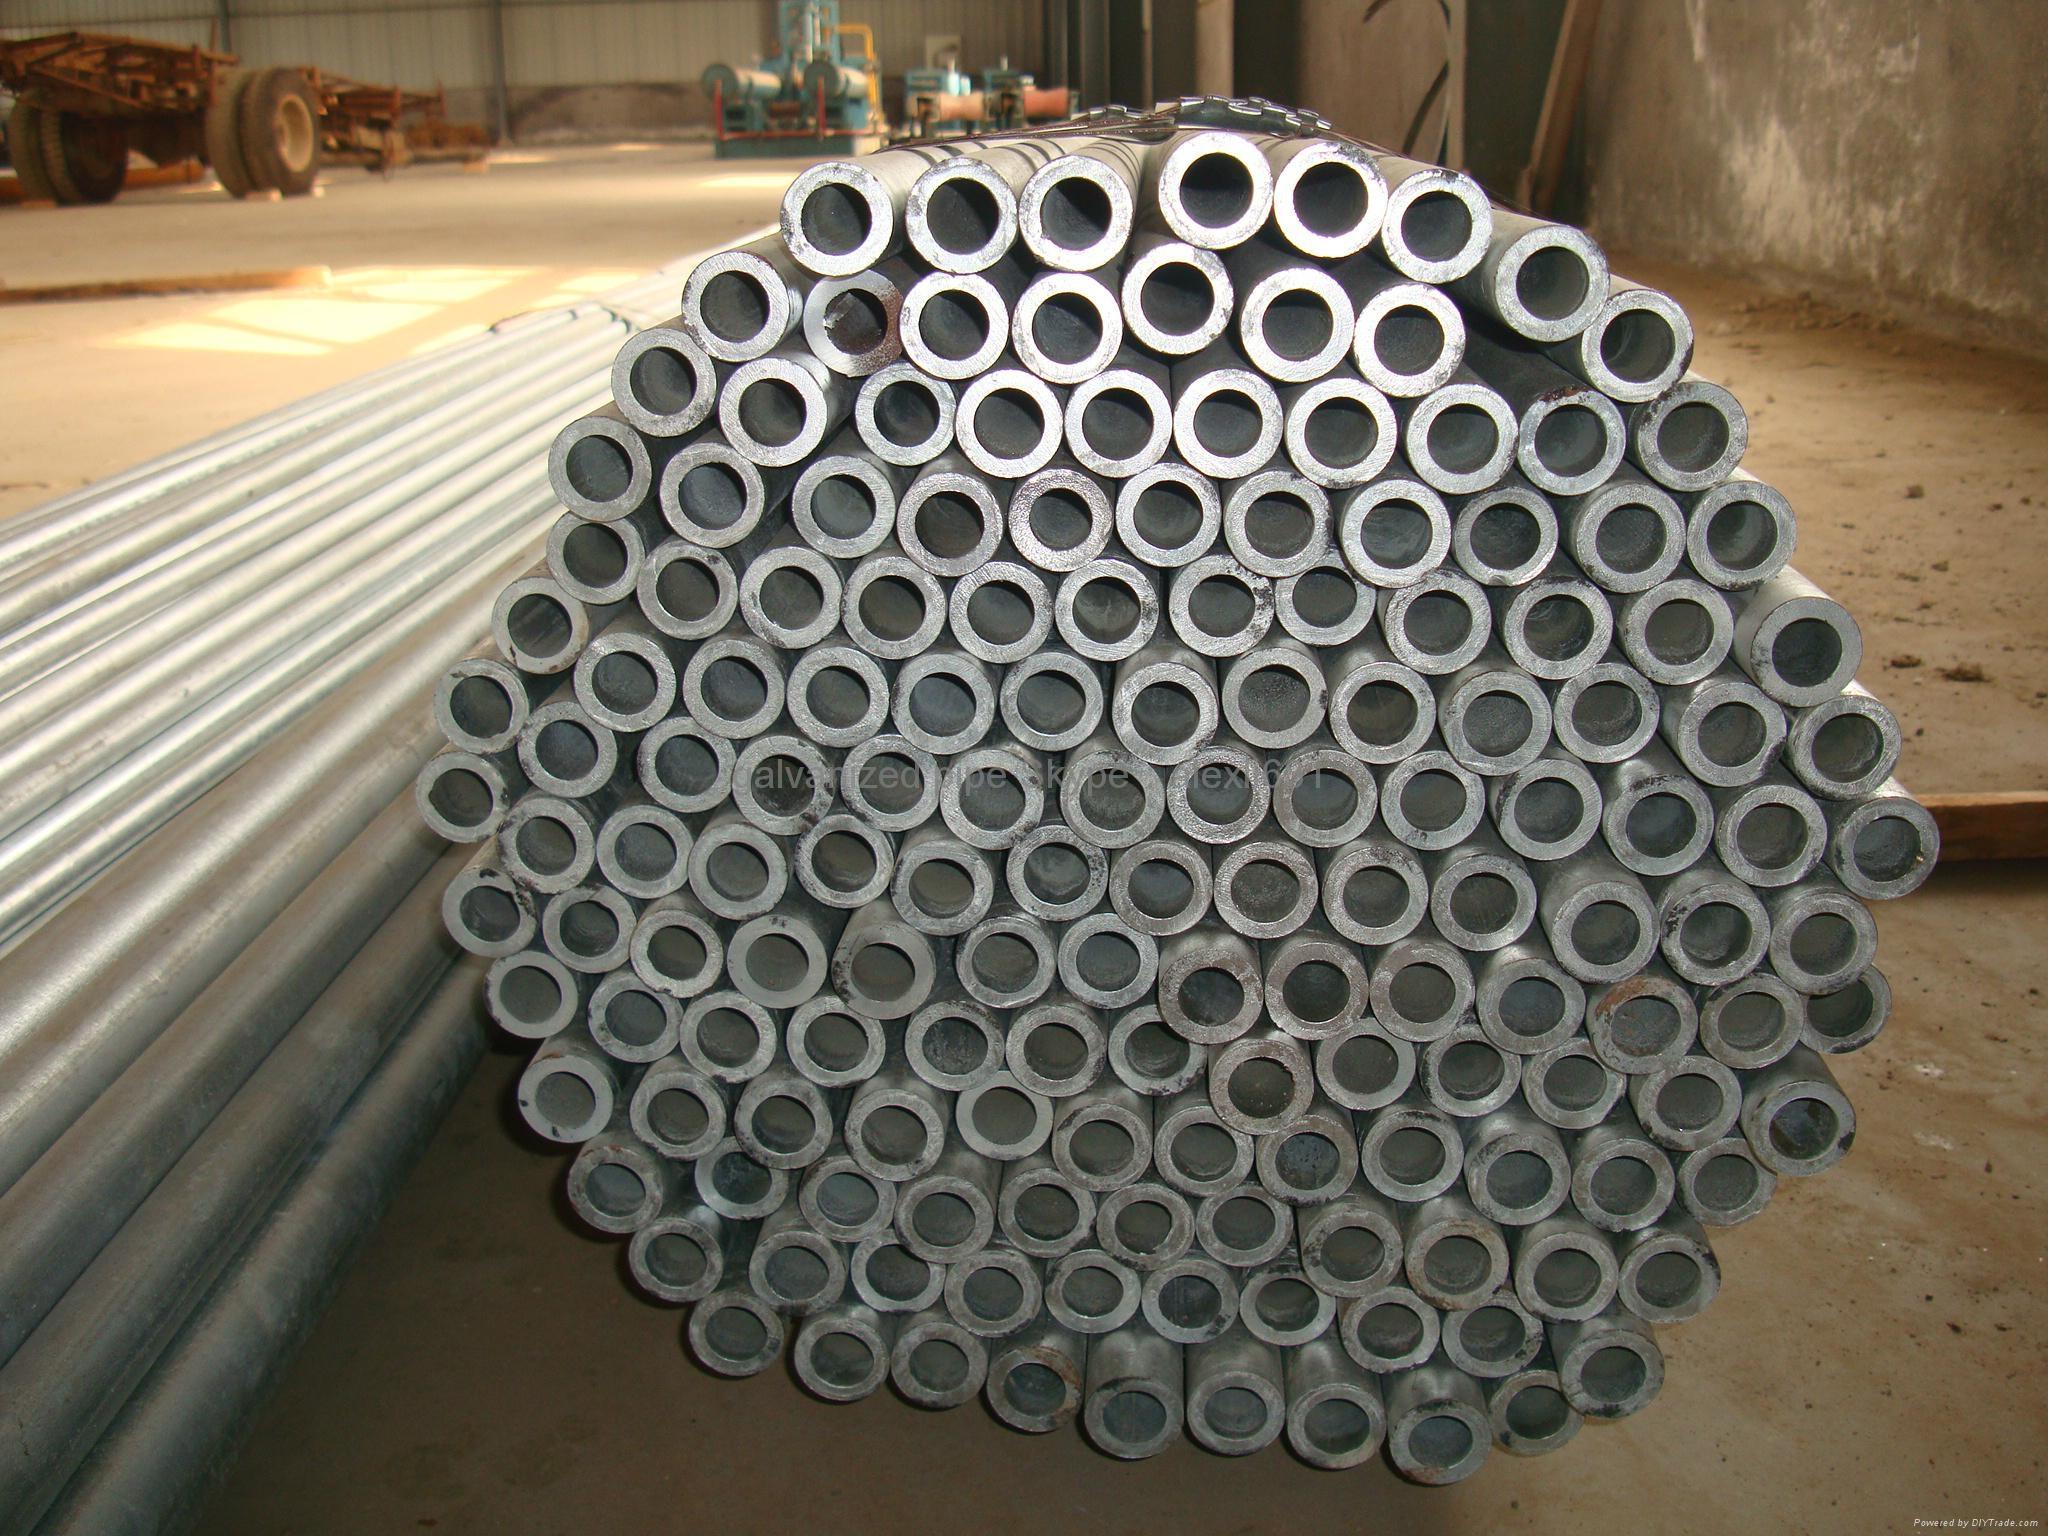 鍍鋅管,方管,矩形管,高頻鍍鋅鋼管,鍍鋅焊管,鍍鋅無縫管 20